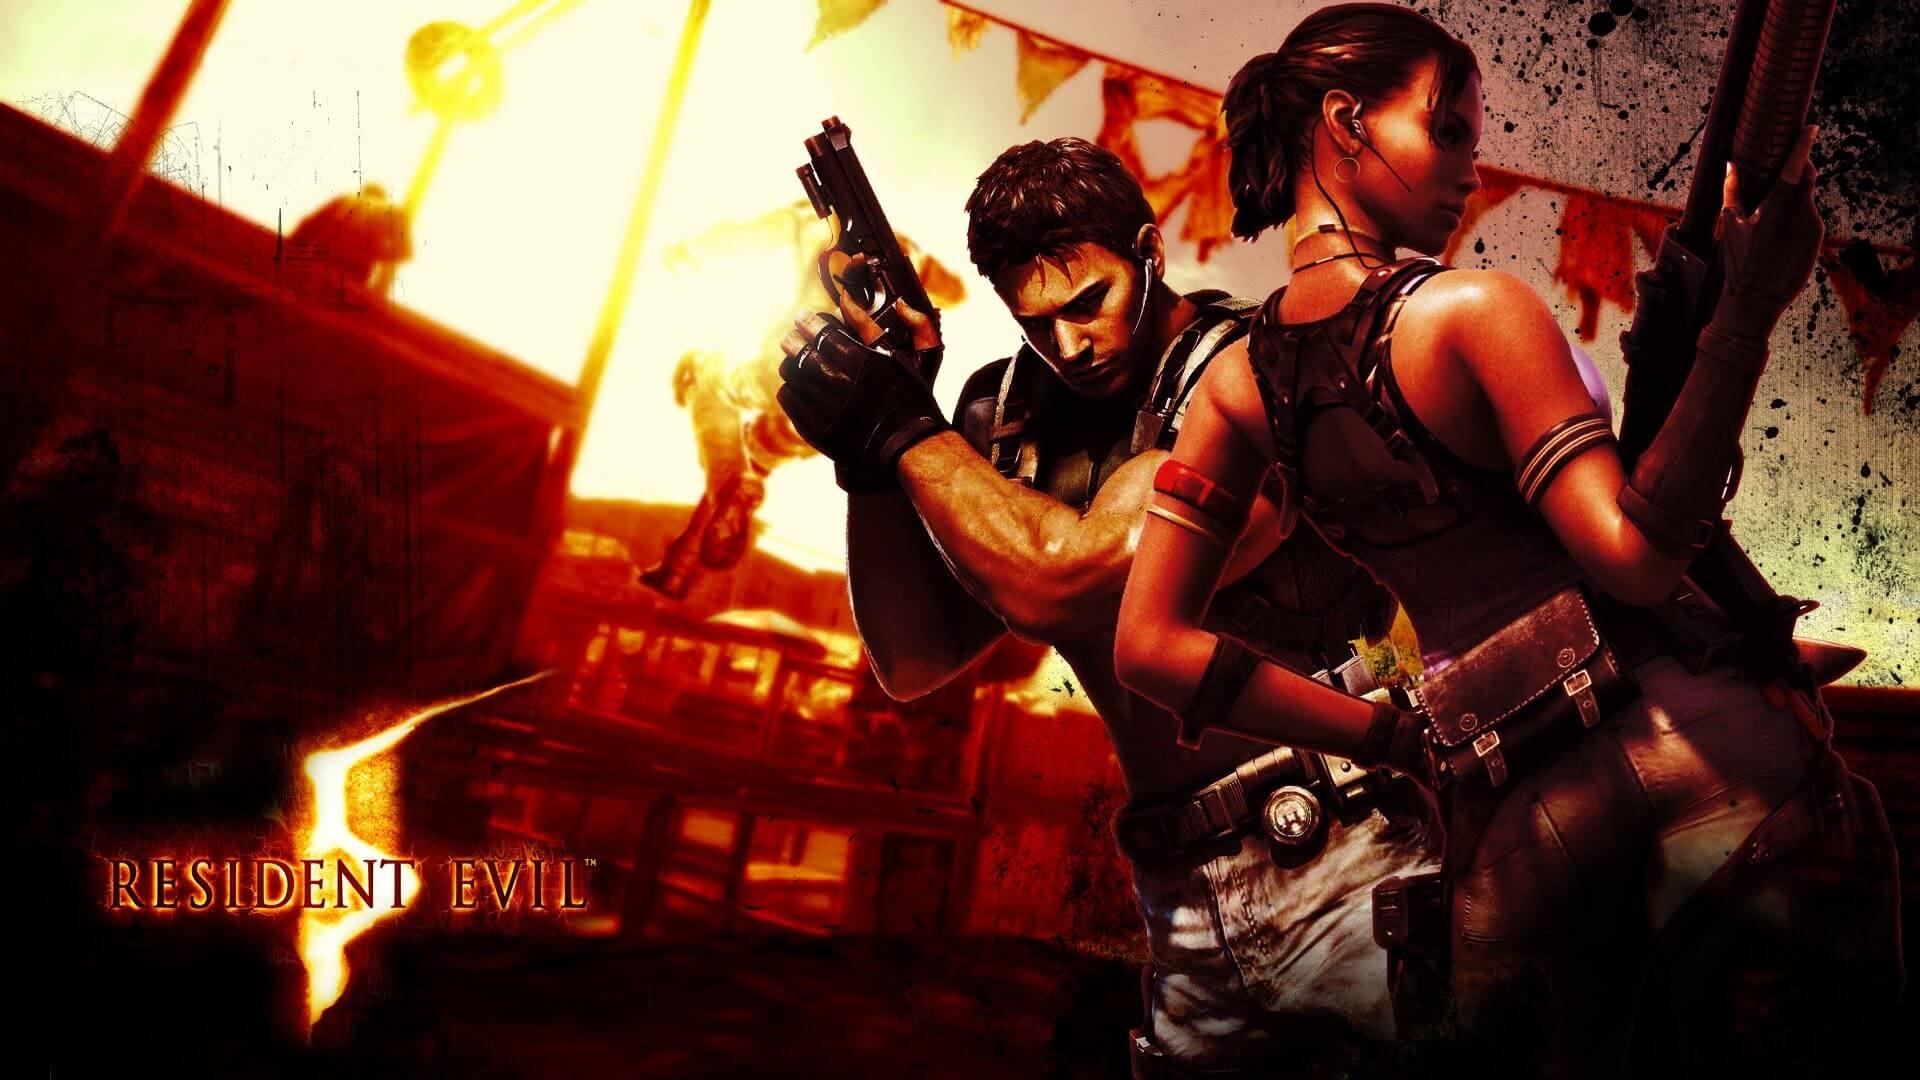 Con la cercana llegada de Resident Evil 3 Remake, ¿en qué orden debemos jugar la saga? 8